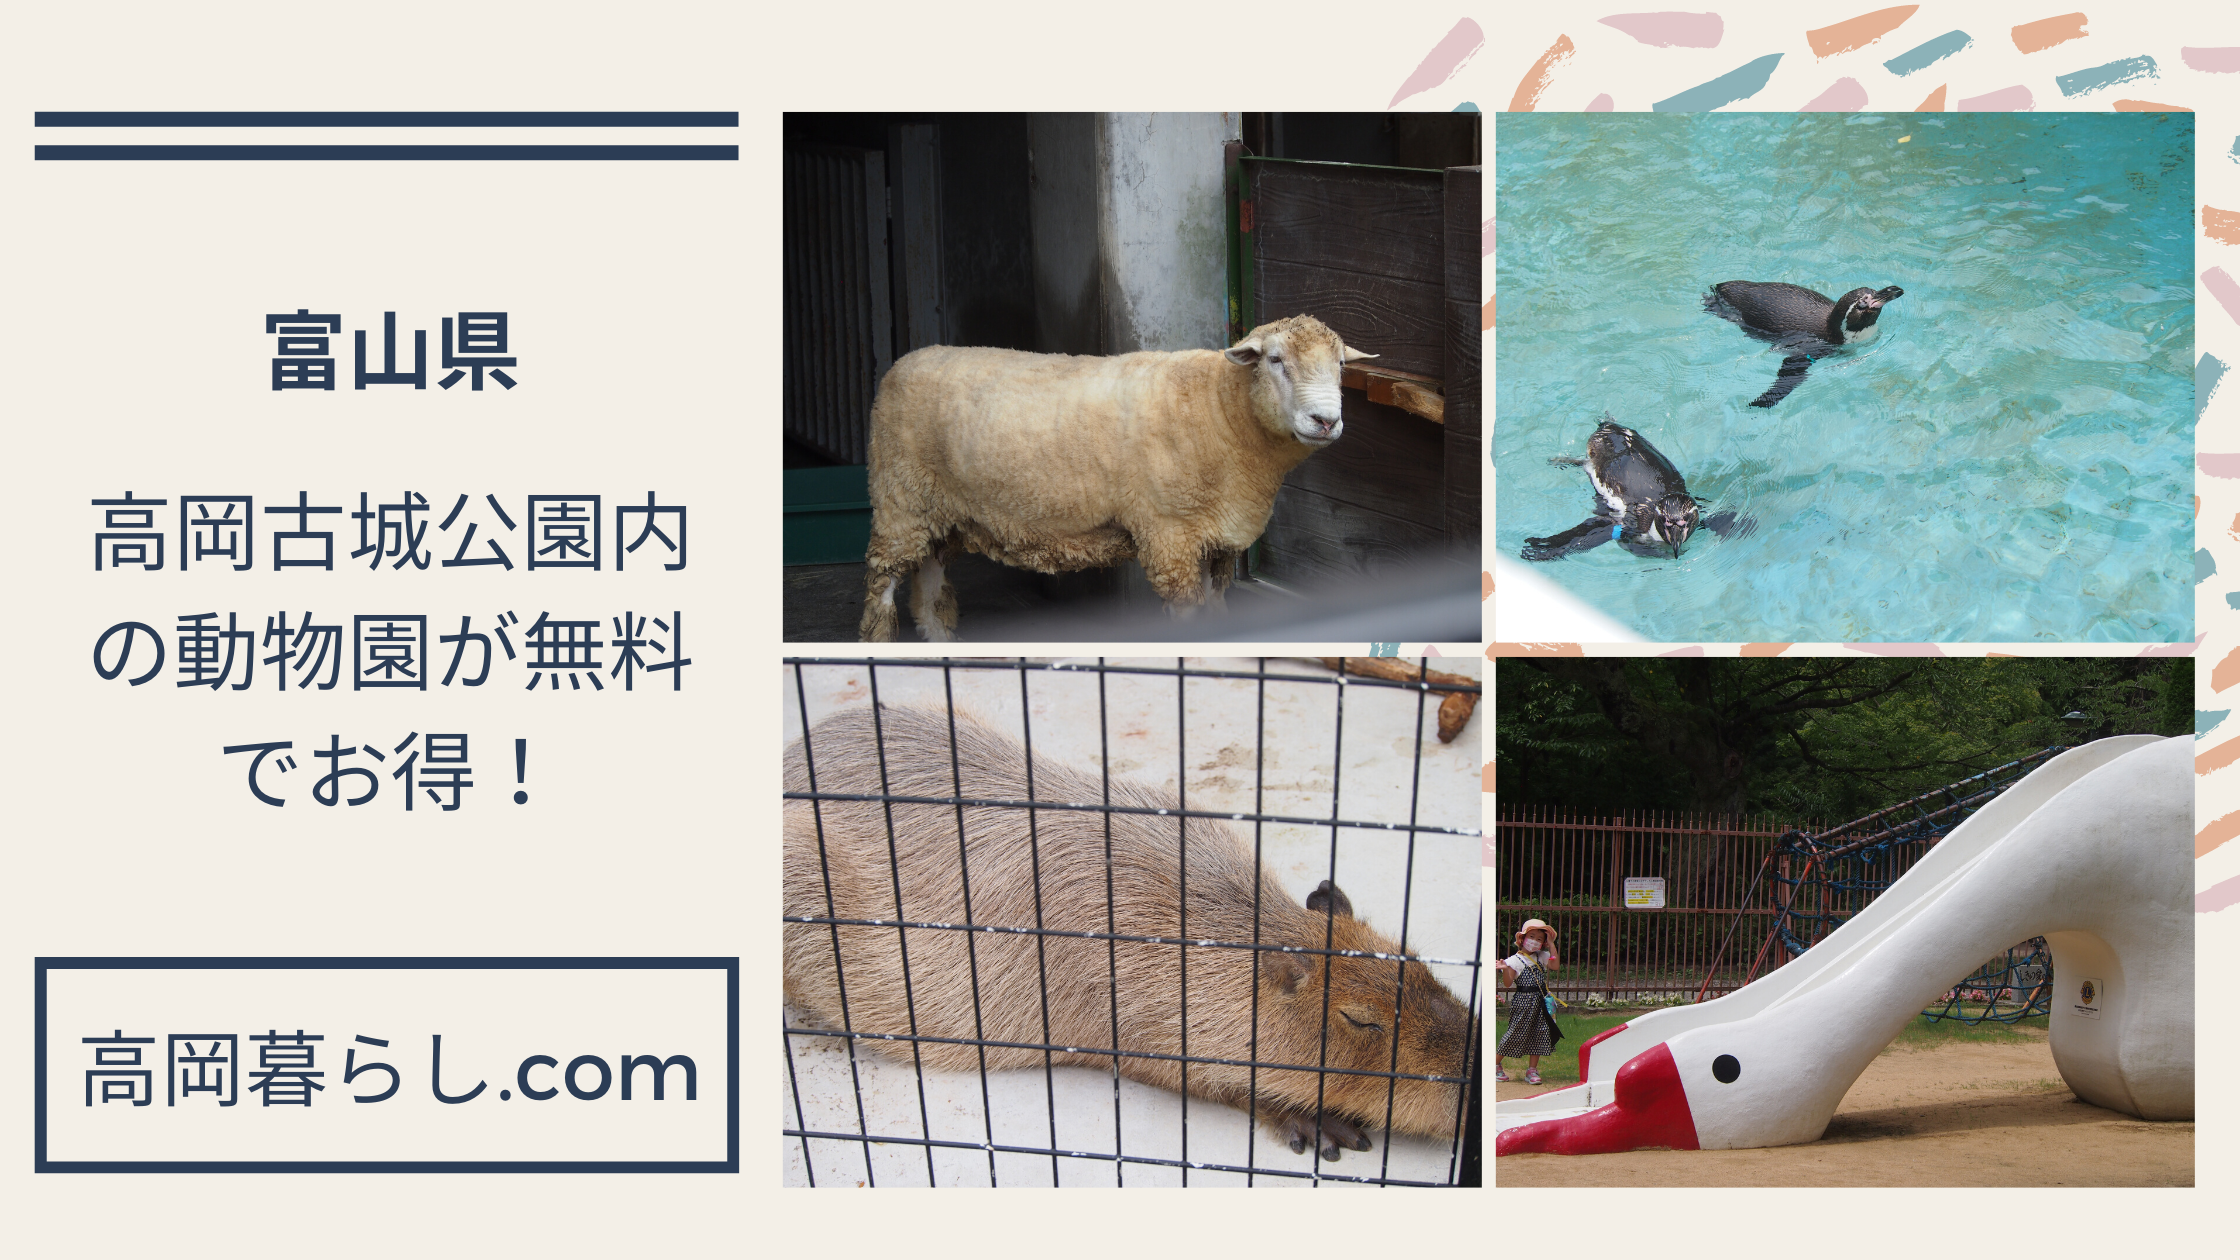 高岡市の古城公園に動物園に行ってきた!無料でお得に休日を楽しもう!